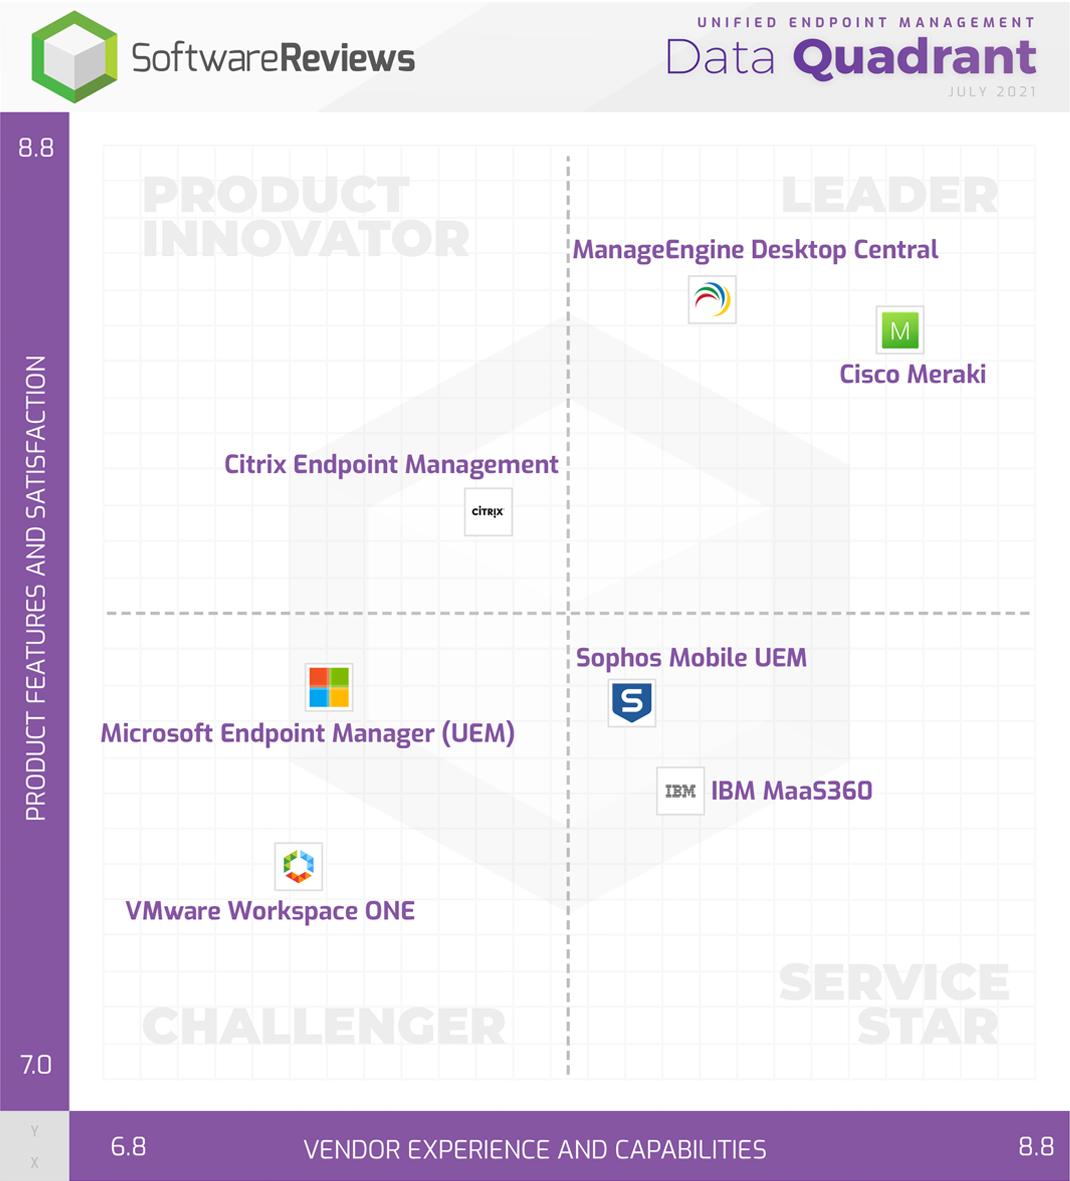 Unified Endpoint Management Data Quadrant